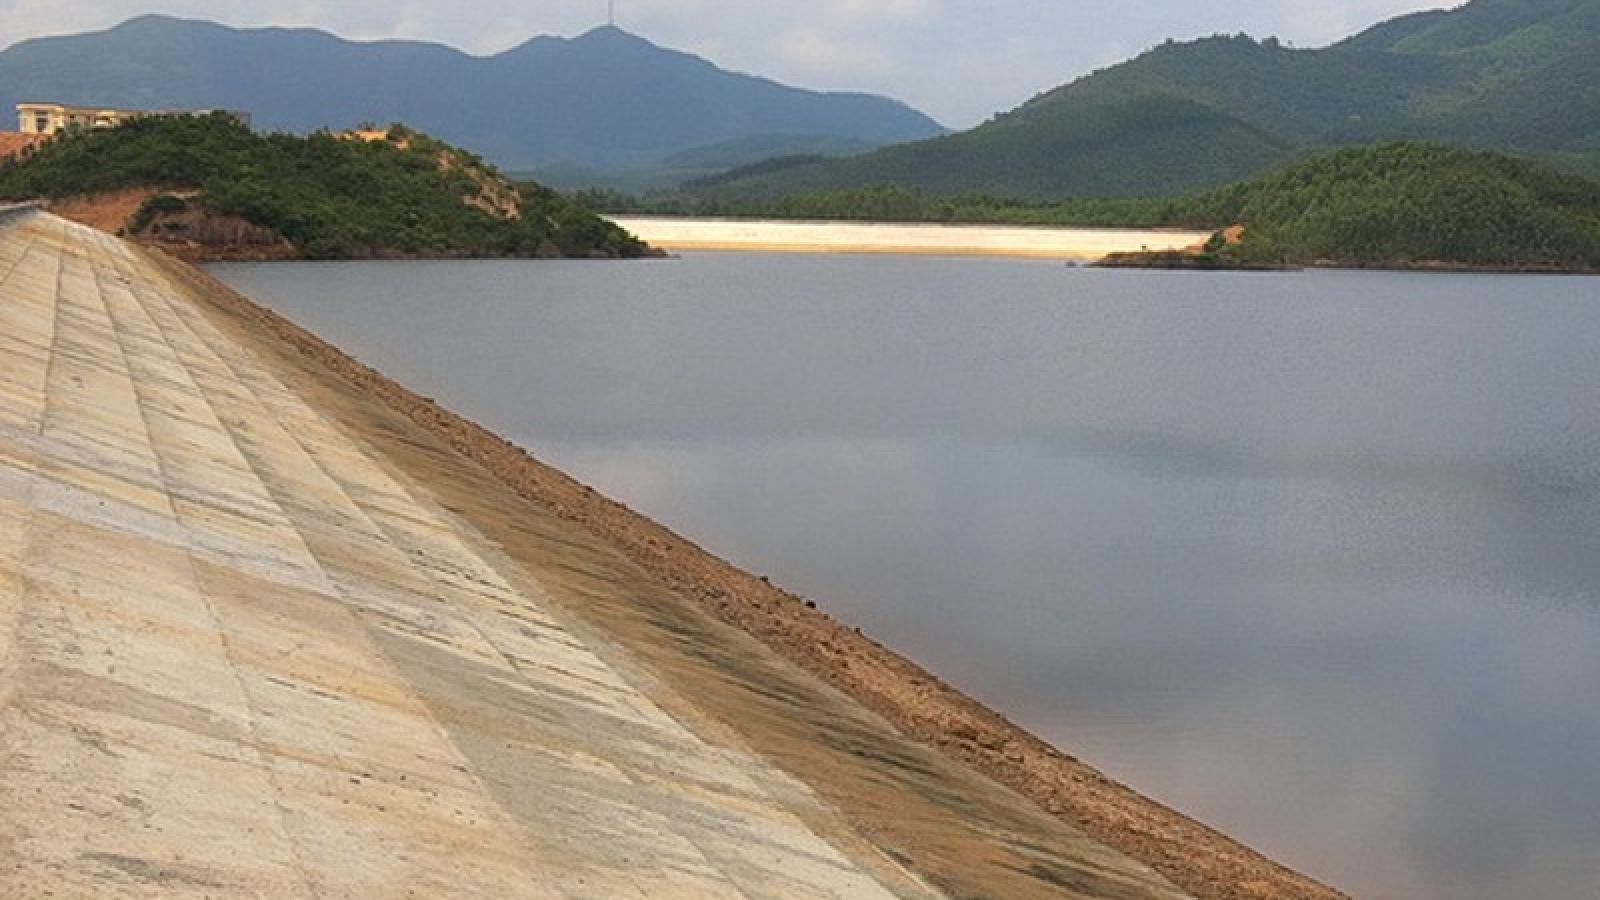 Hàng chục hồ thủy lợi ở Bình Định nguy cơ hỏng đập nếu không gia cố